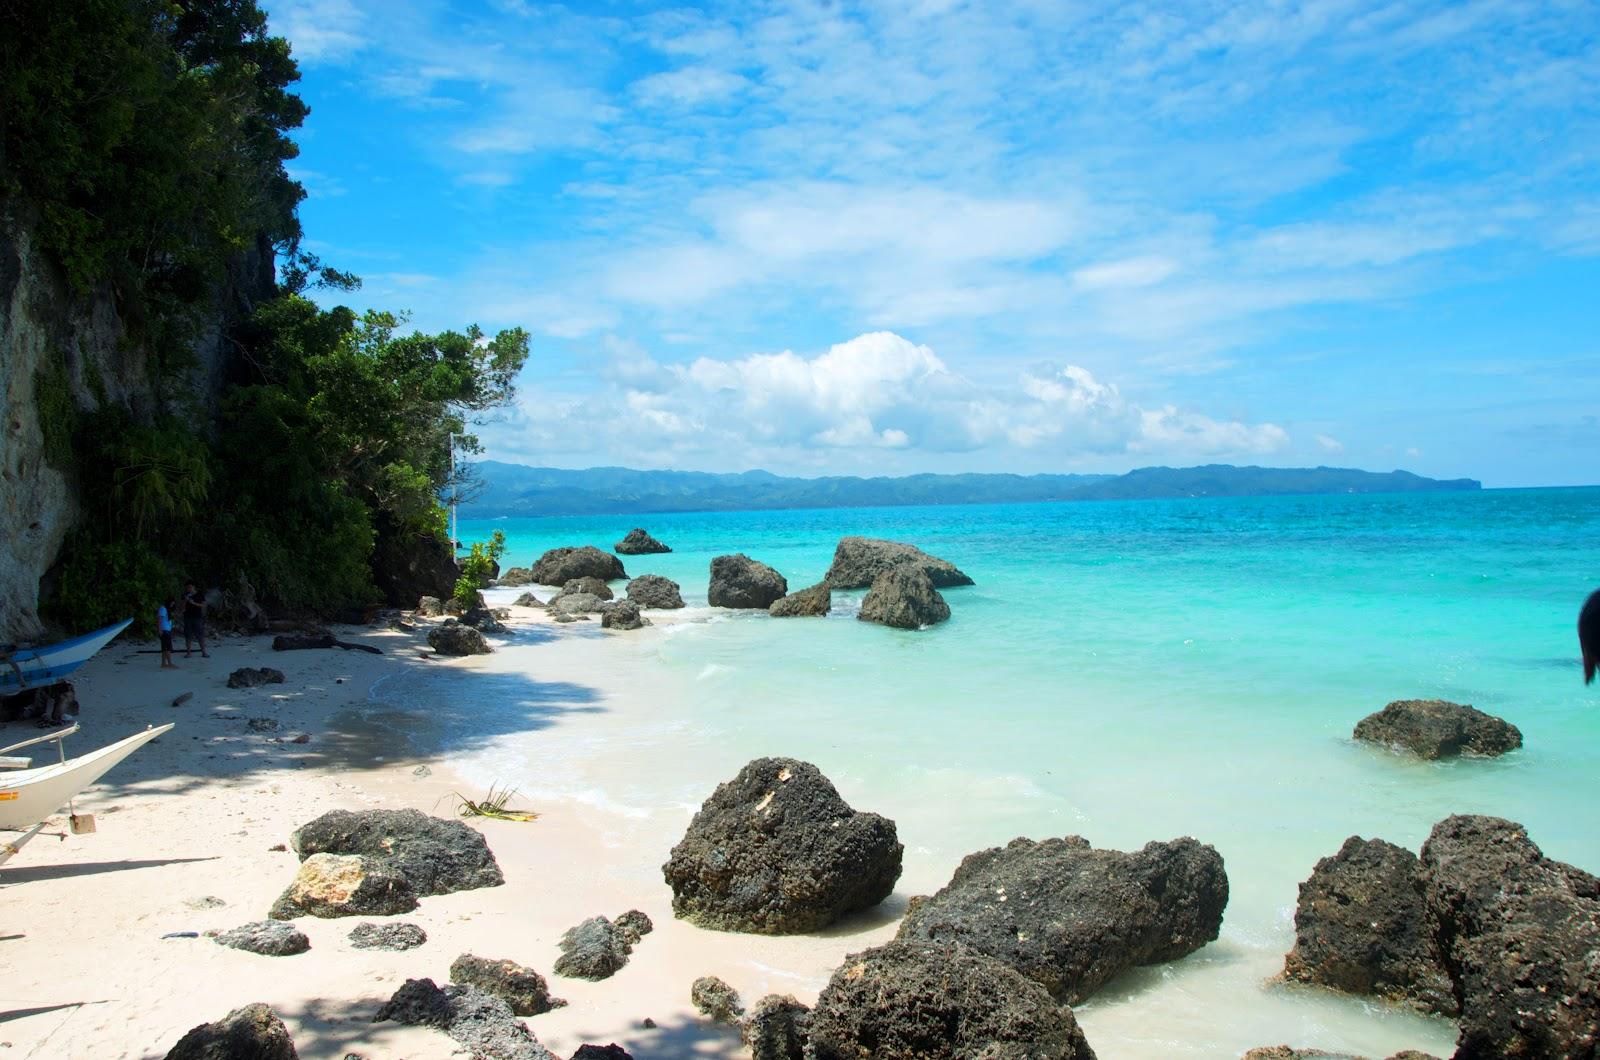 Рафаиловичи фото пляжа и